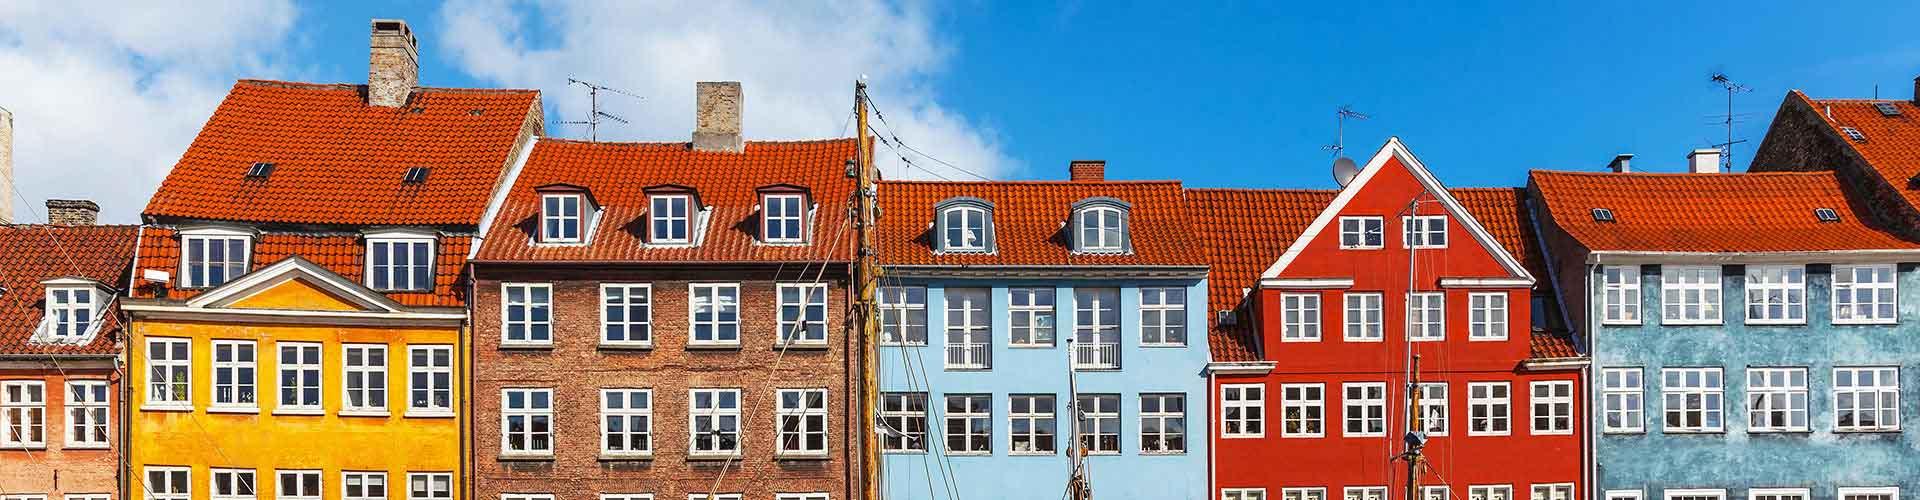 Copenaghen – Ostelli a Copenaghen. Mappe per Copenaghen, Foto e  Recensioni per ogni Ostello a Copenaghen.